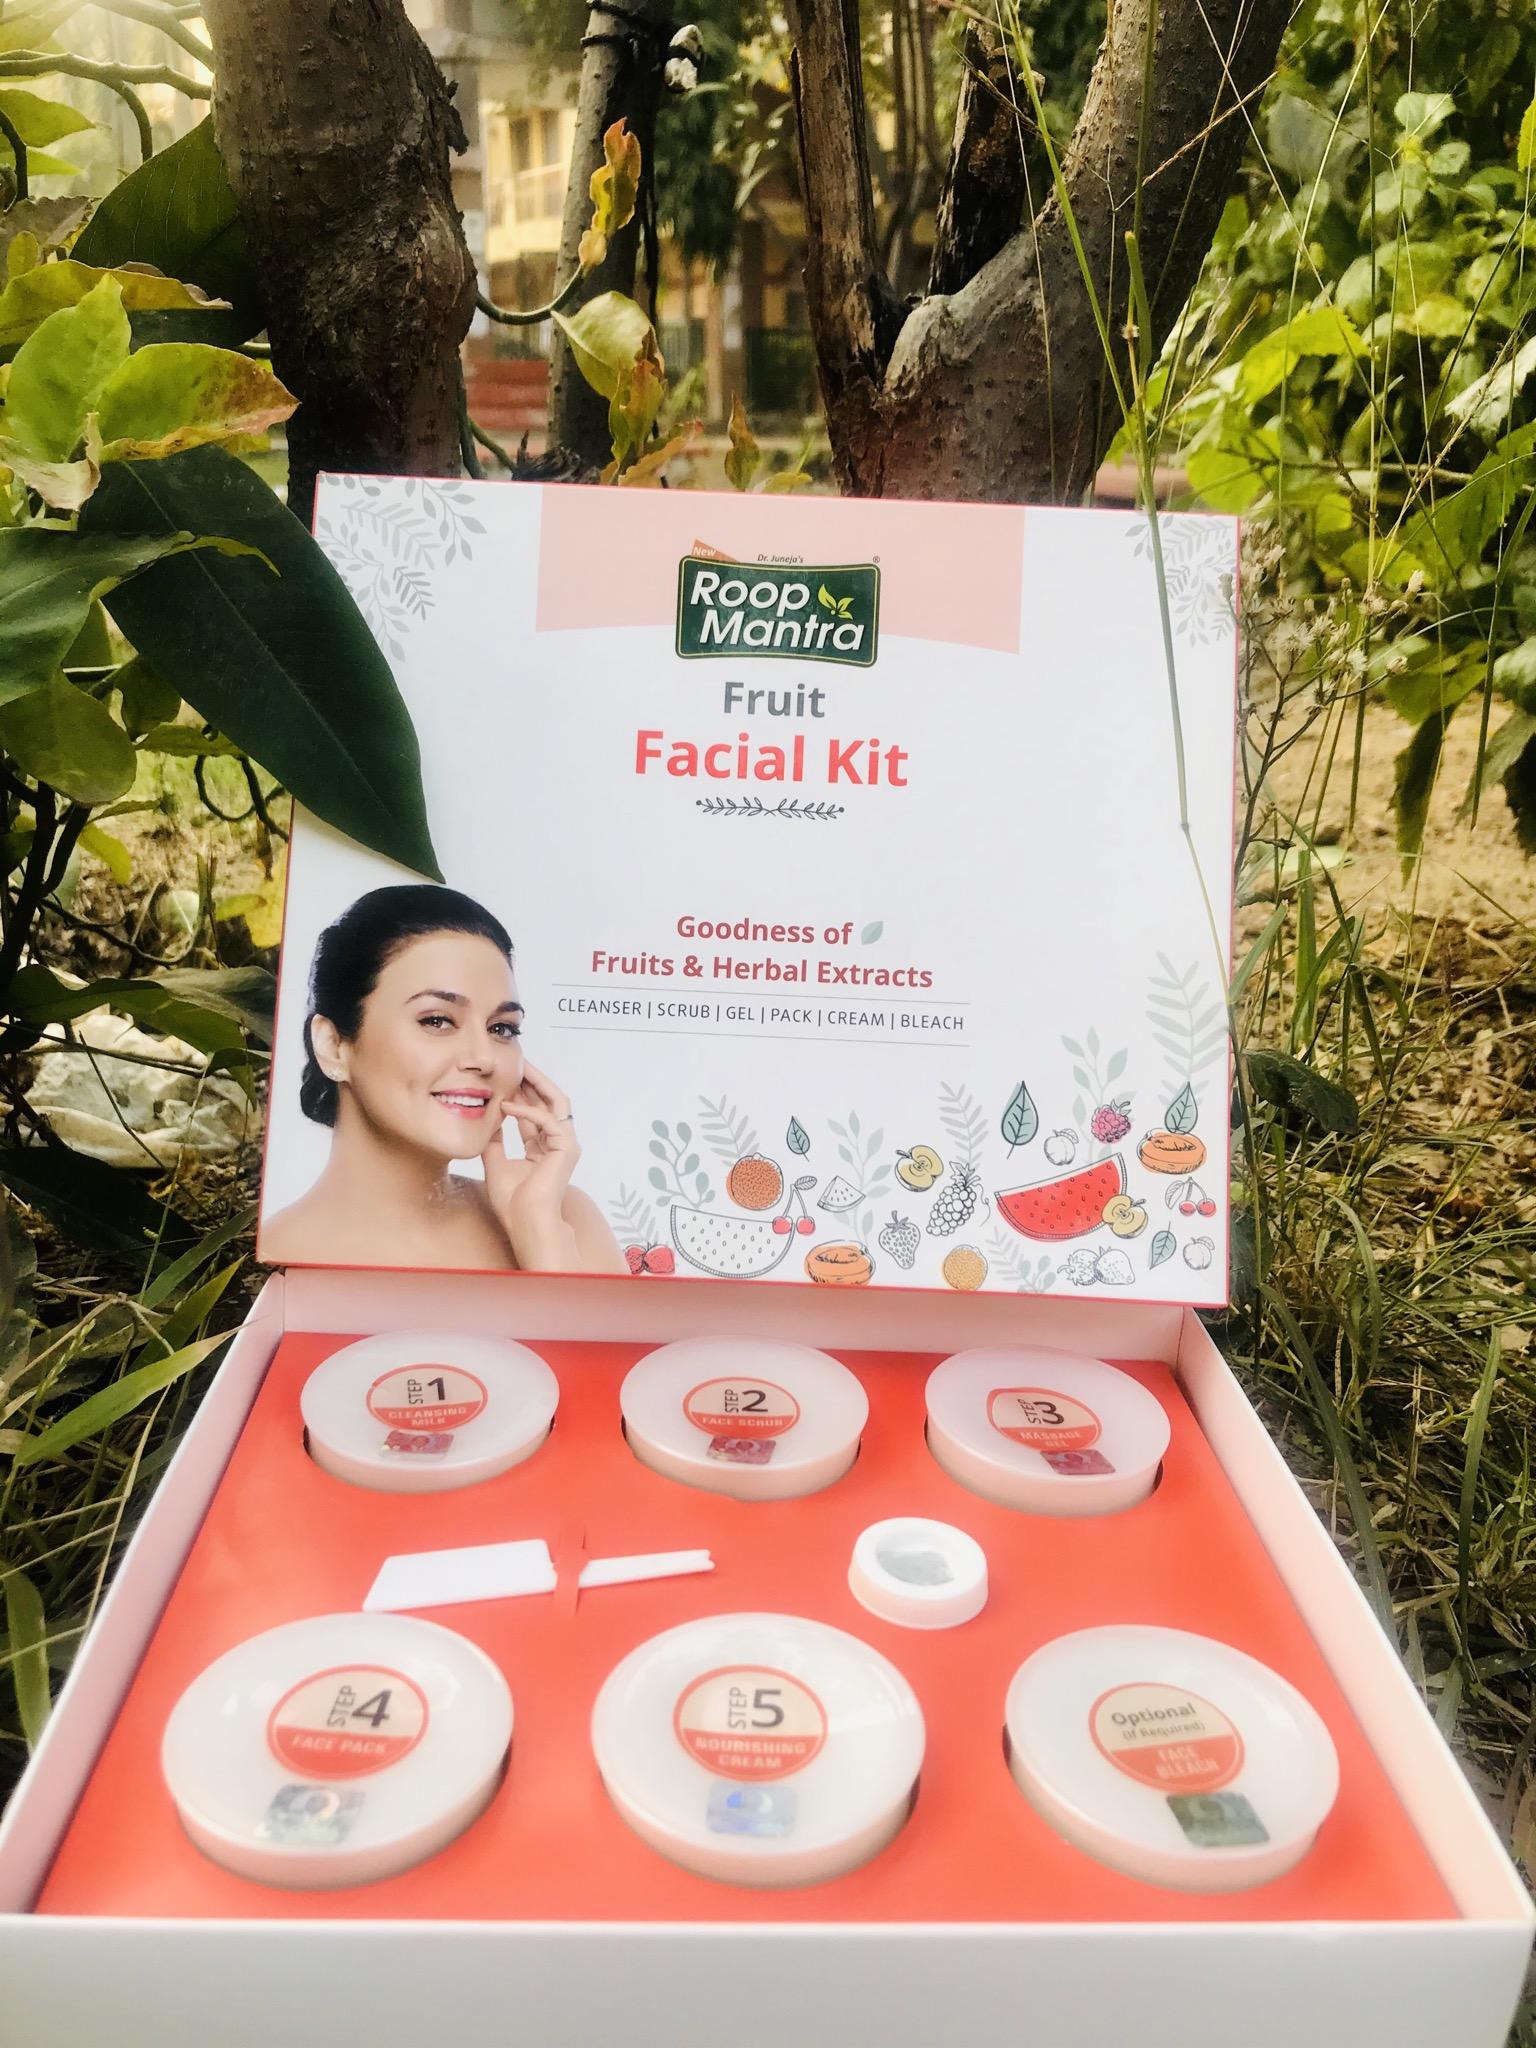 Roop Mantra Fruit Facial Kit-Facial at home-By himaninailwal-1